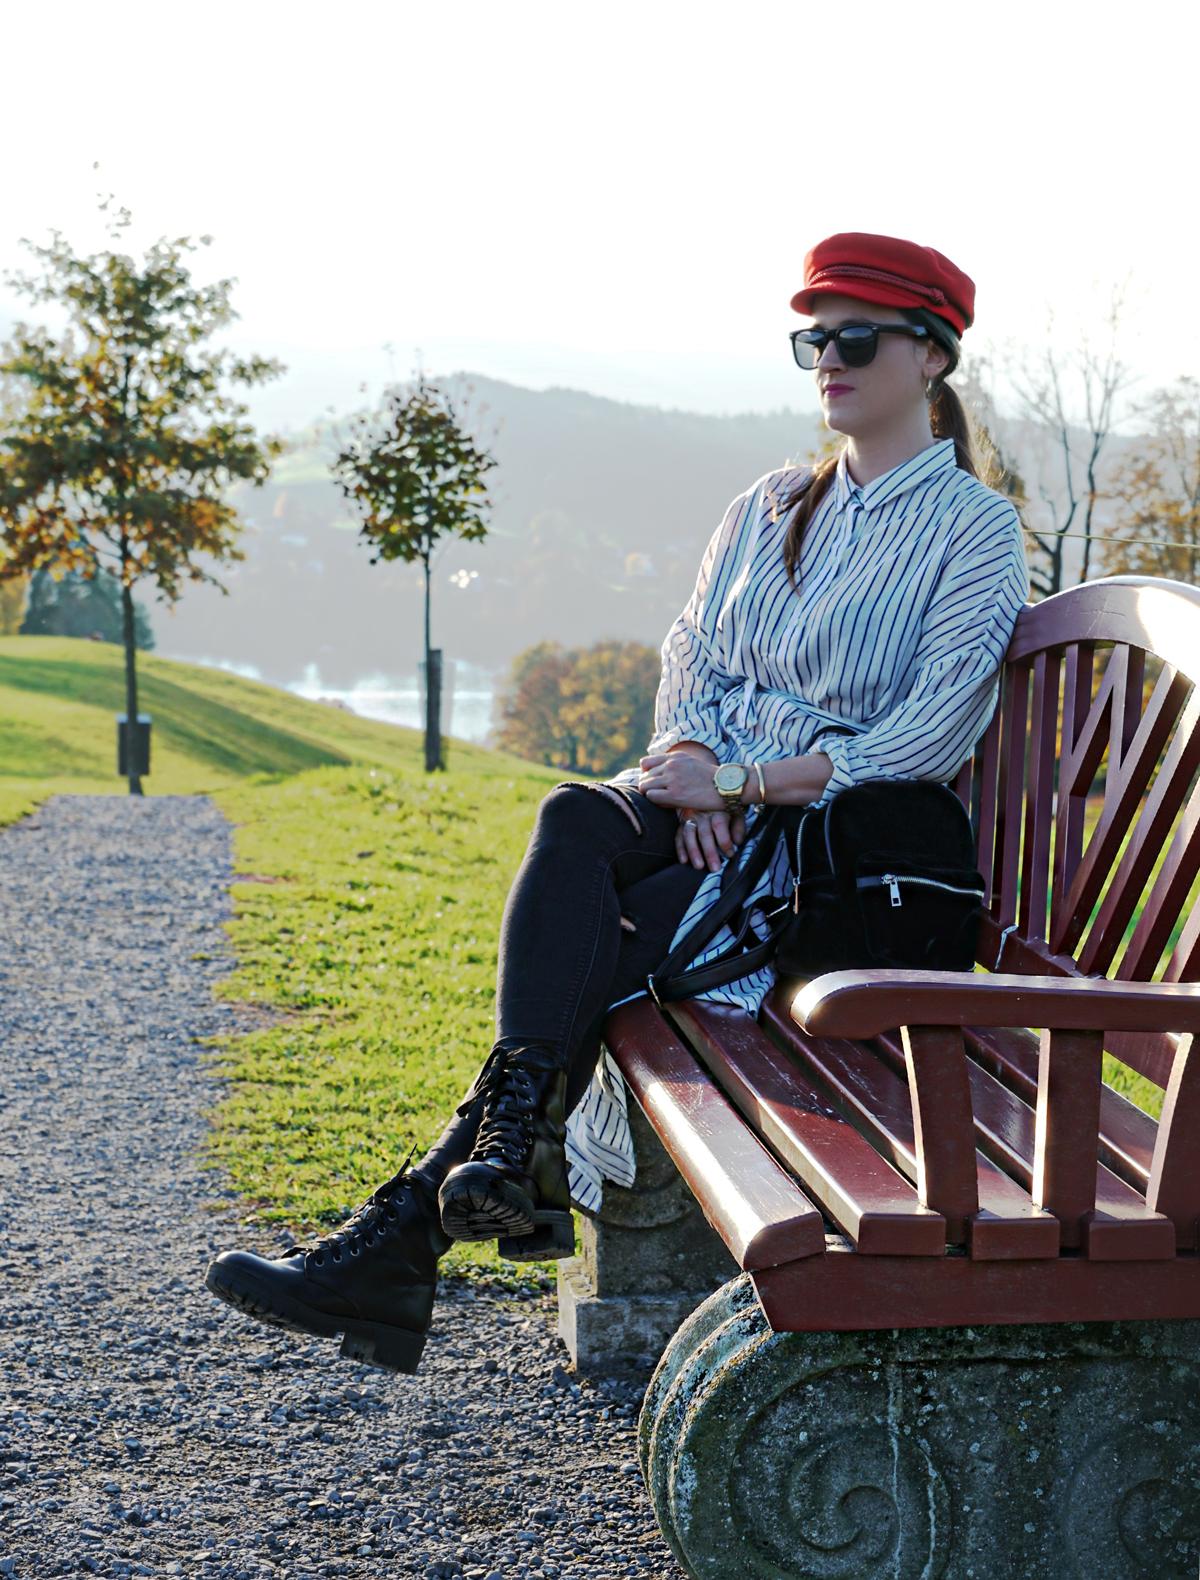 Mein Outfit heute: eine lange weisse Bluse mit schwarzen Boots und schwarzen Hosen, dazu ein roter Boyhat, Rucksack und Sonnenbrille.